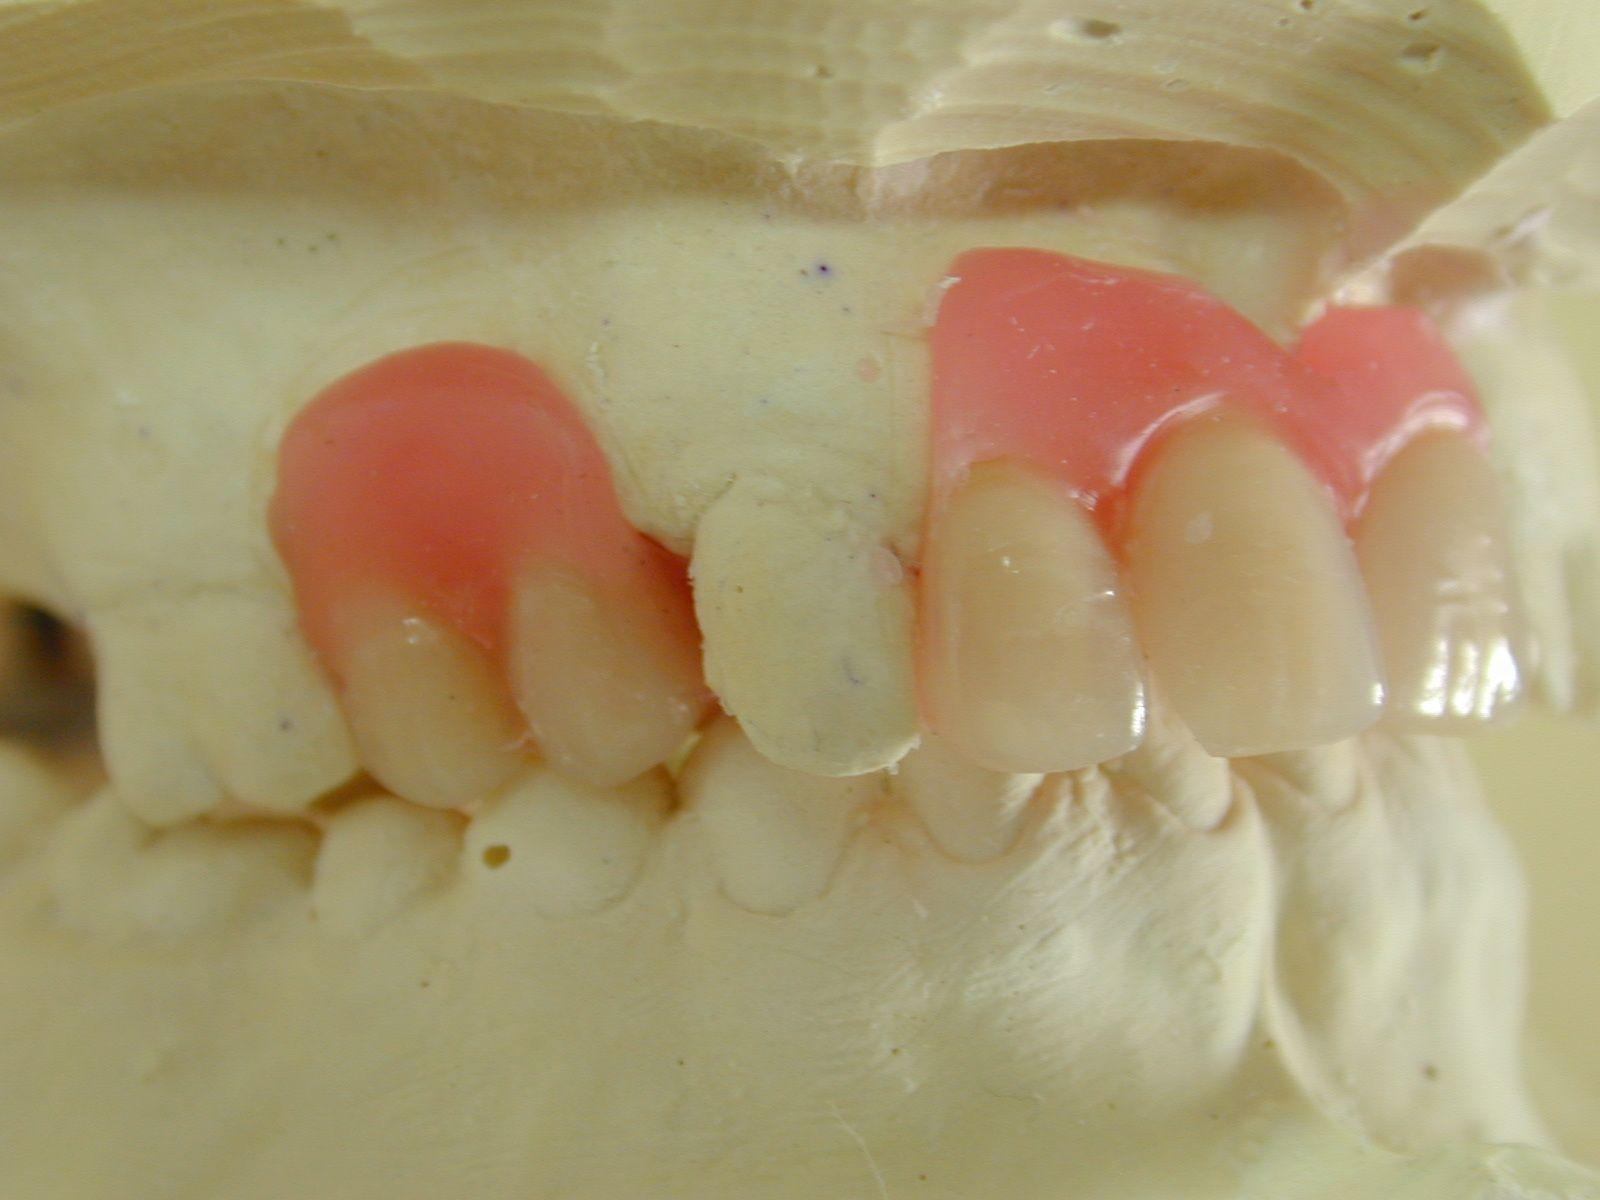 omaha emergency superior ne slideli dentist dental health affordable lincoln dentures